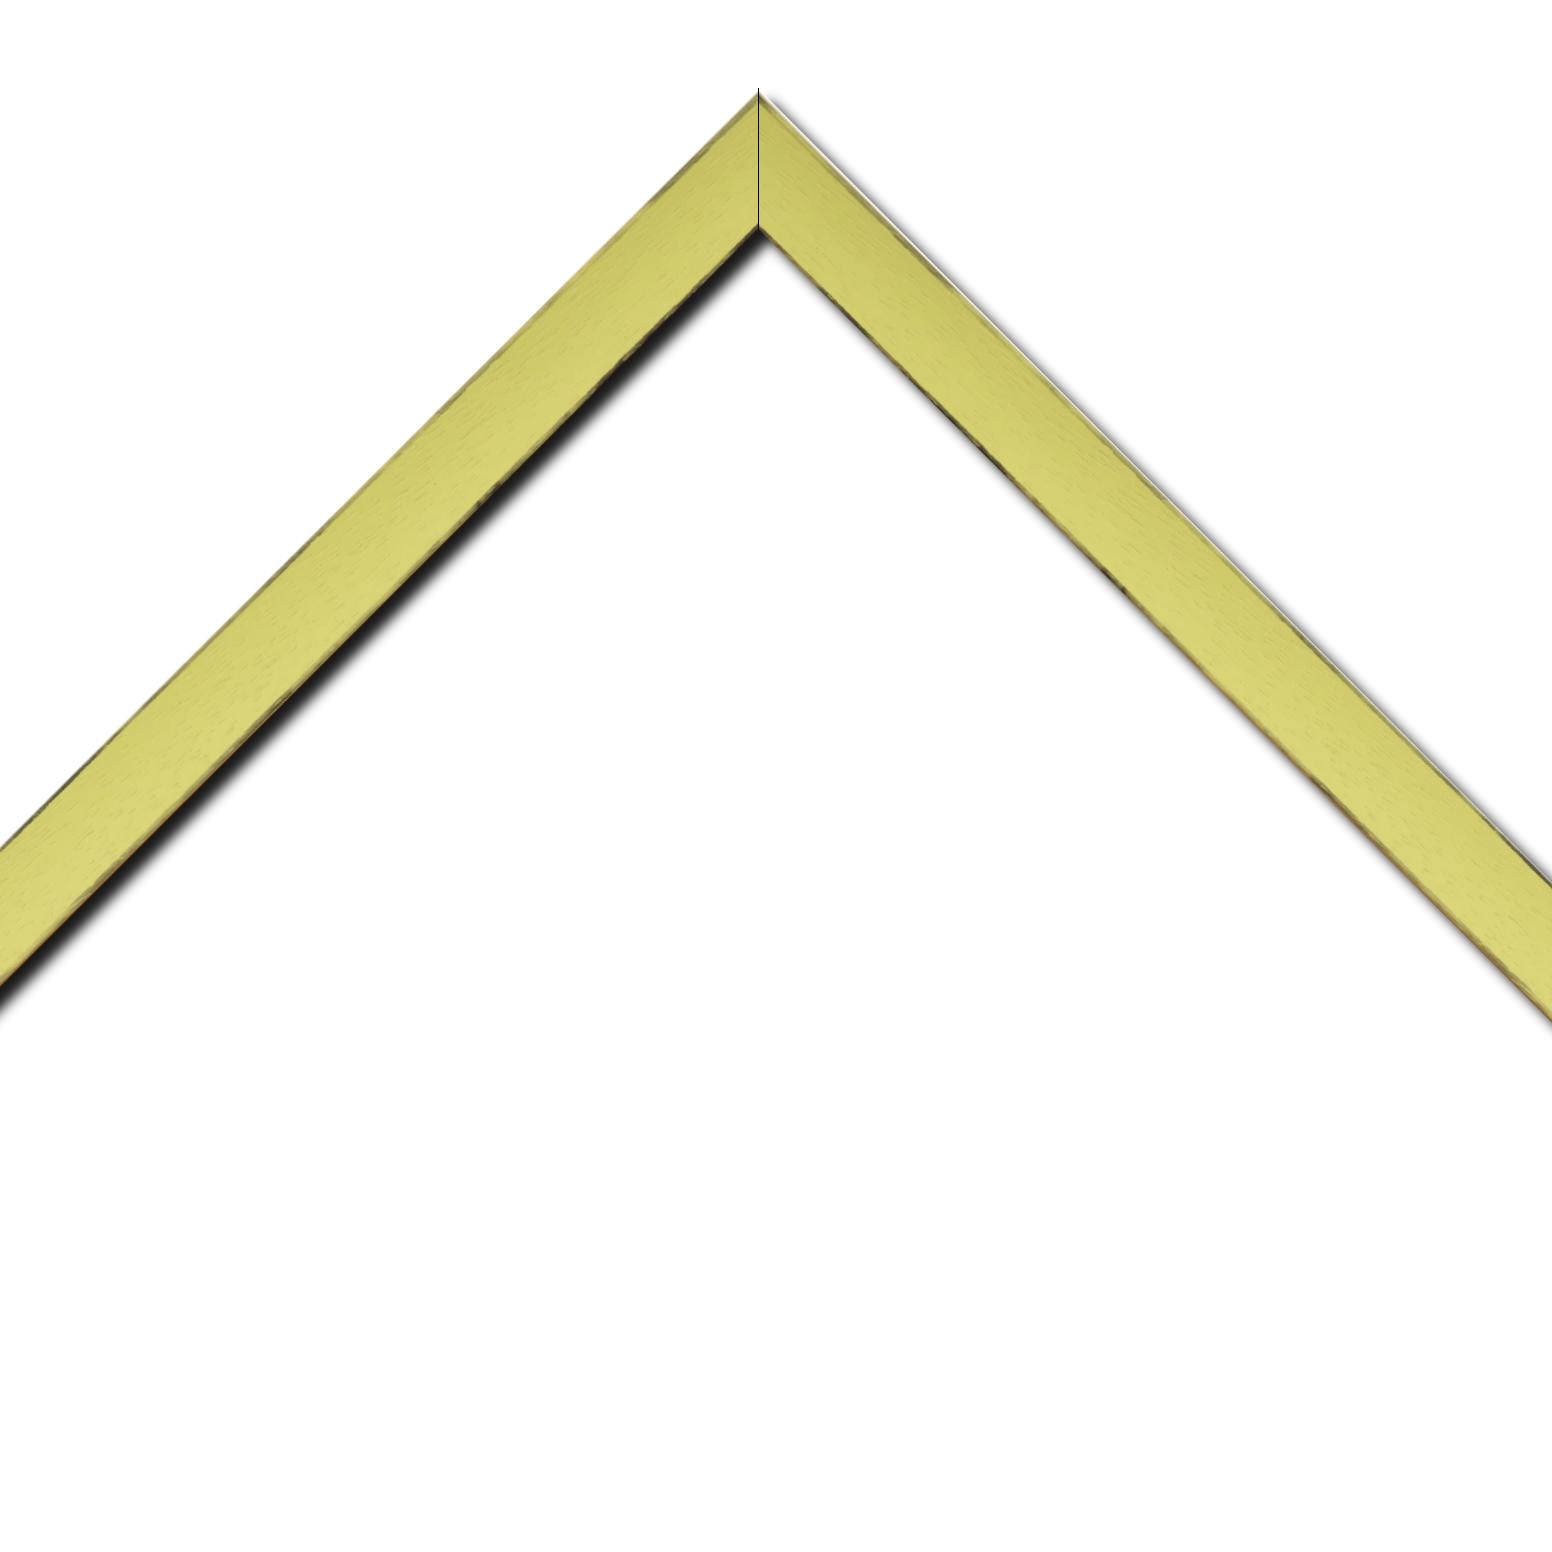 Baguette bois profil concave largeur 2.4cm couleur vert acidulé satiné arêtes essuyés noircies de chaque coté